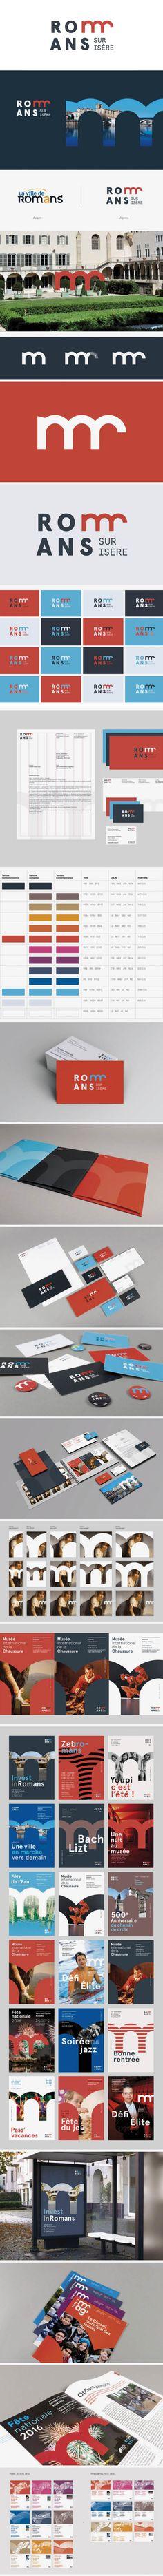 More corporate-designs are collected on: https://pinterest.com/rothenhaeusler/best-of-corporate-design/ · Agency: Grapheine (Paris) · Client: Romans Sur Tsere · Source: https://www.grapheine.com/en/branding-en/a-new-visual-identity-for-romans-sur-isere #branding #identity #corporatedesign